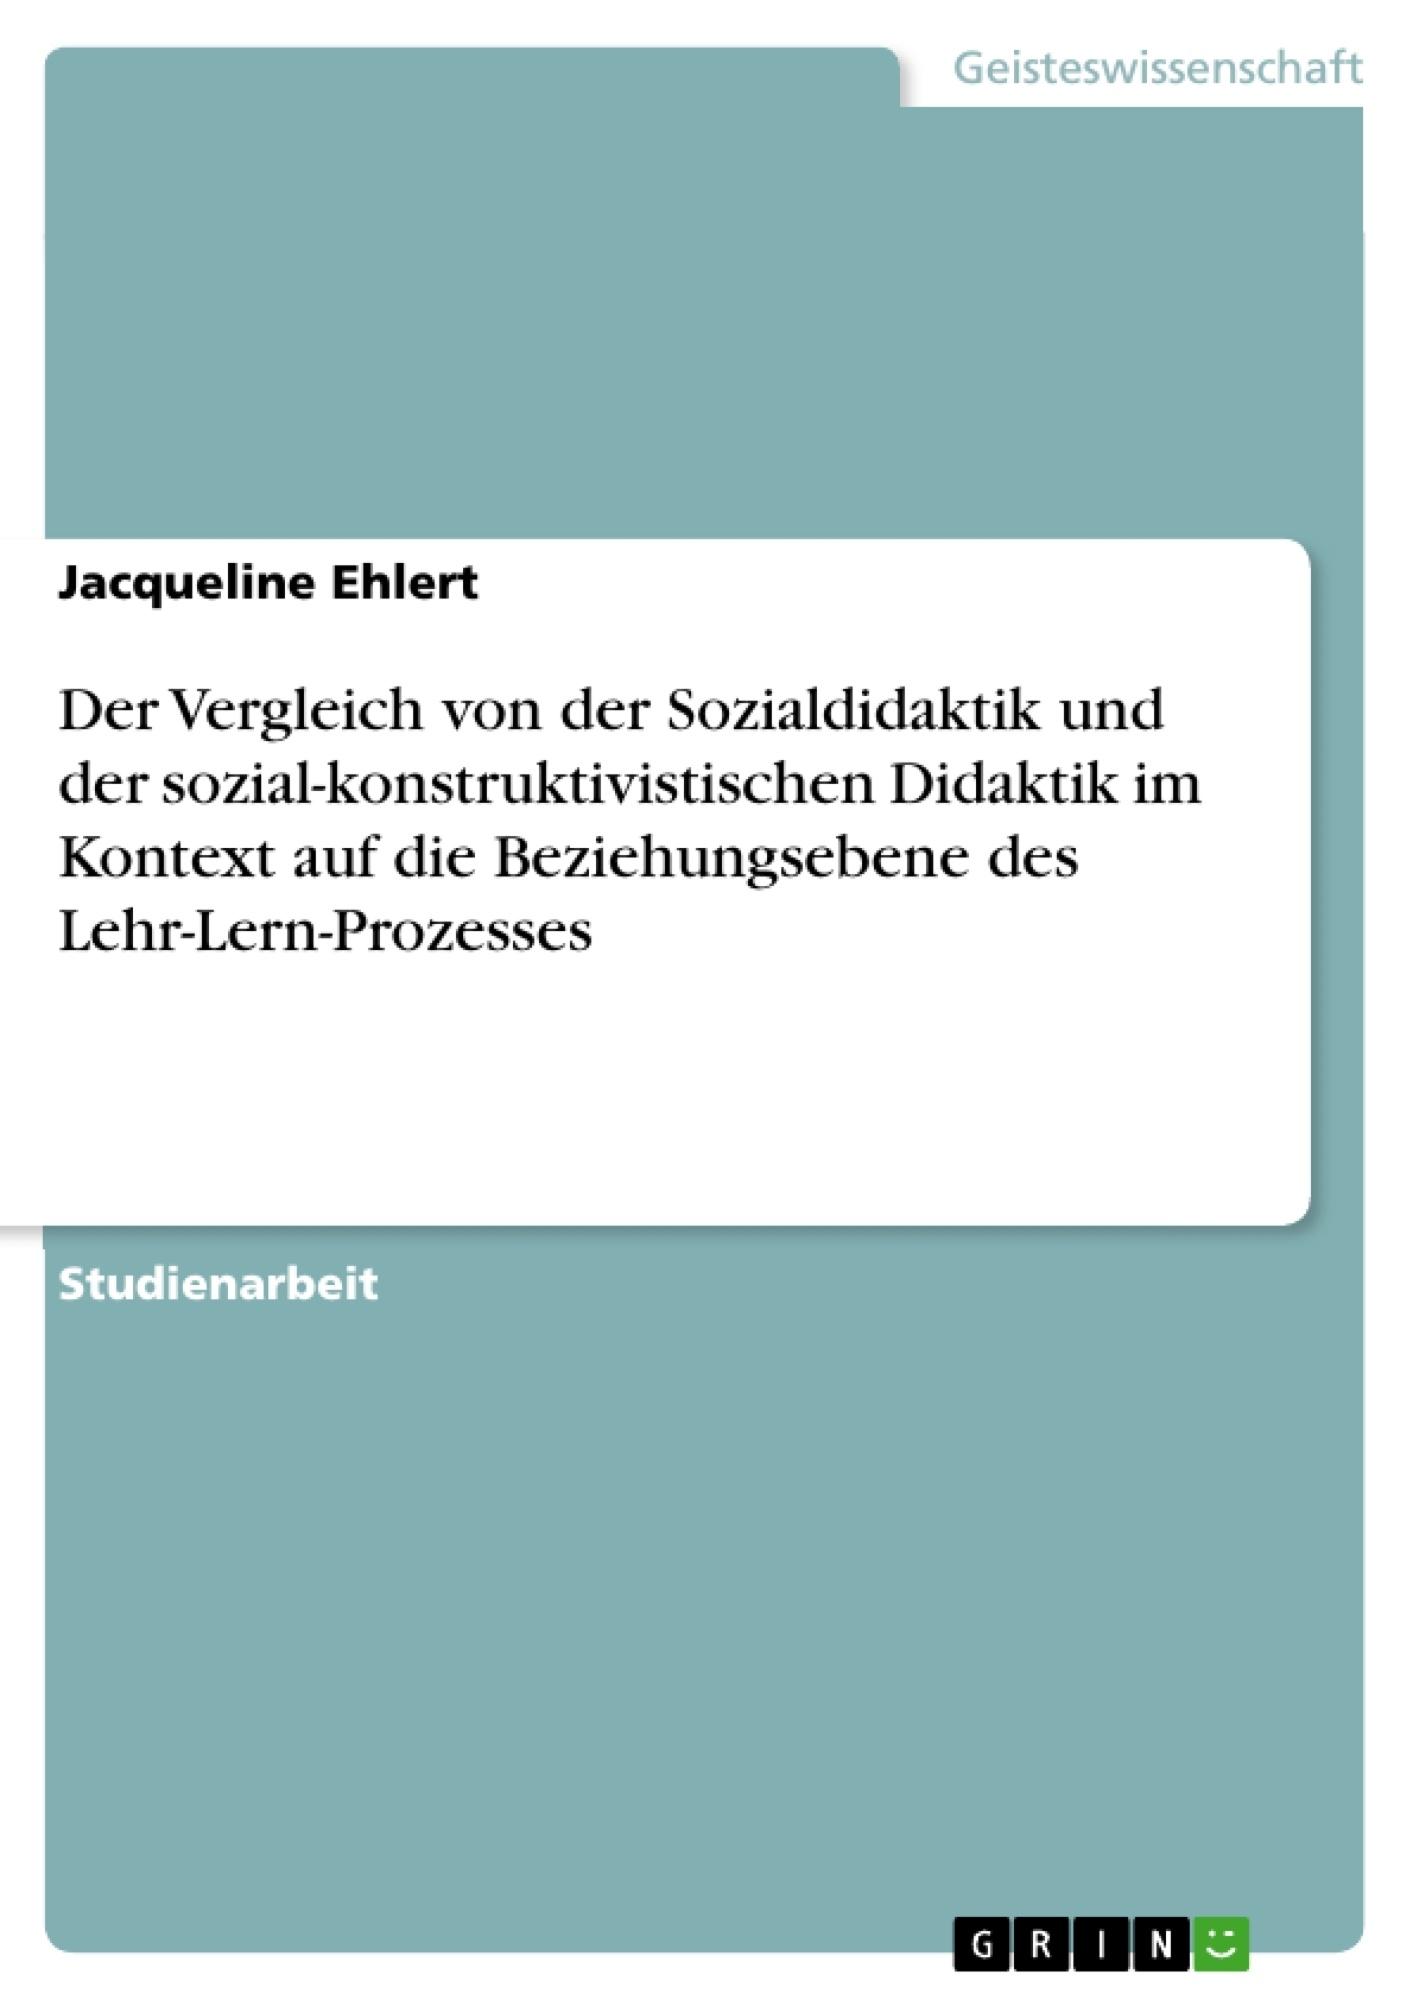 Titel: Der Vergleich von der Sozialdidaktik und der sozial-konstruktivistischen Didaktik im Kontext auf die Beziehungsebene des Lehr-Lern-Prozesses